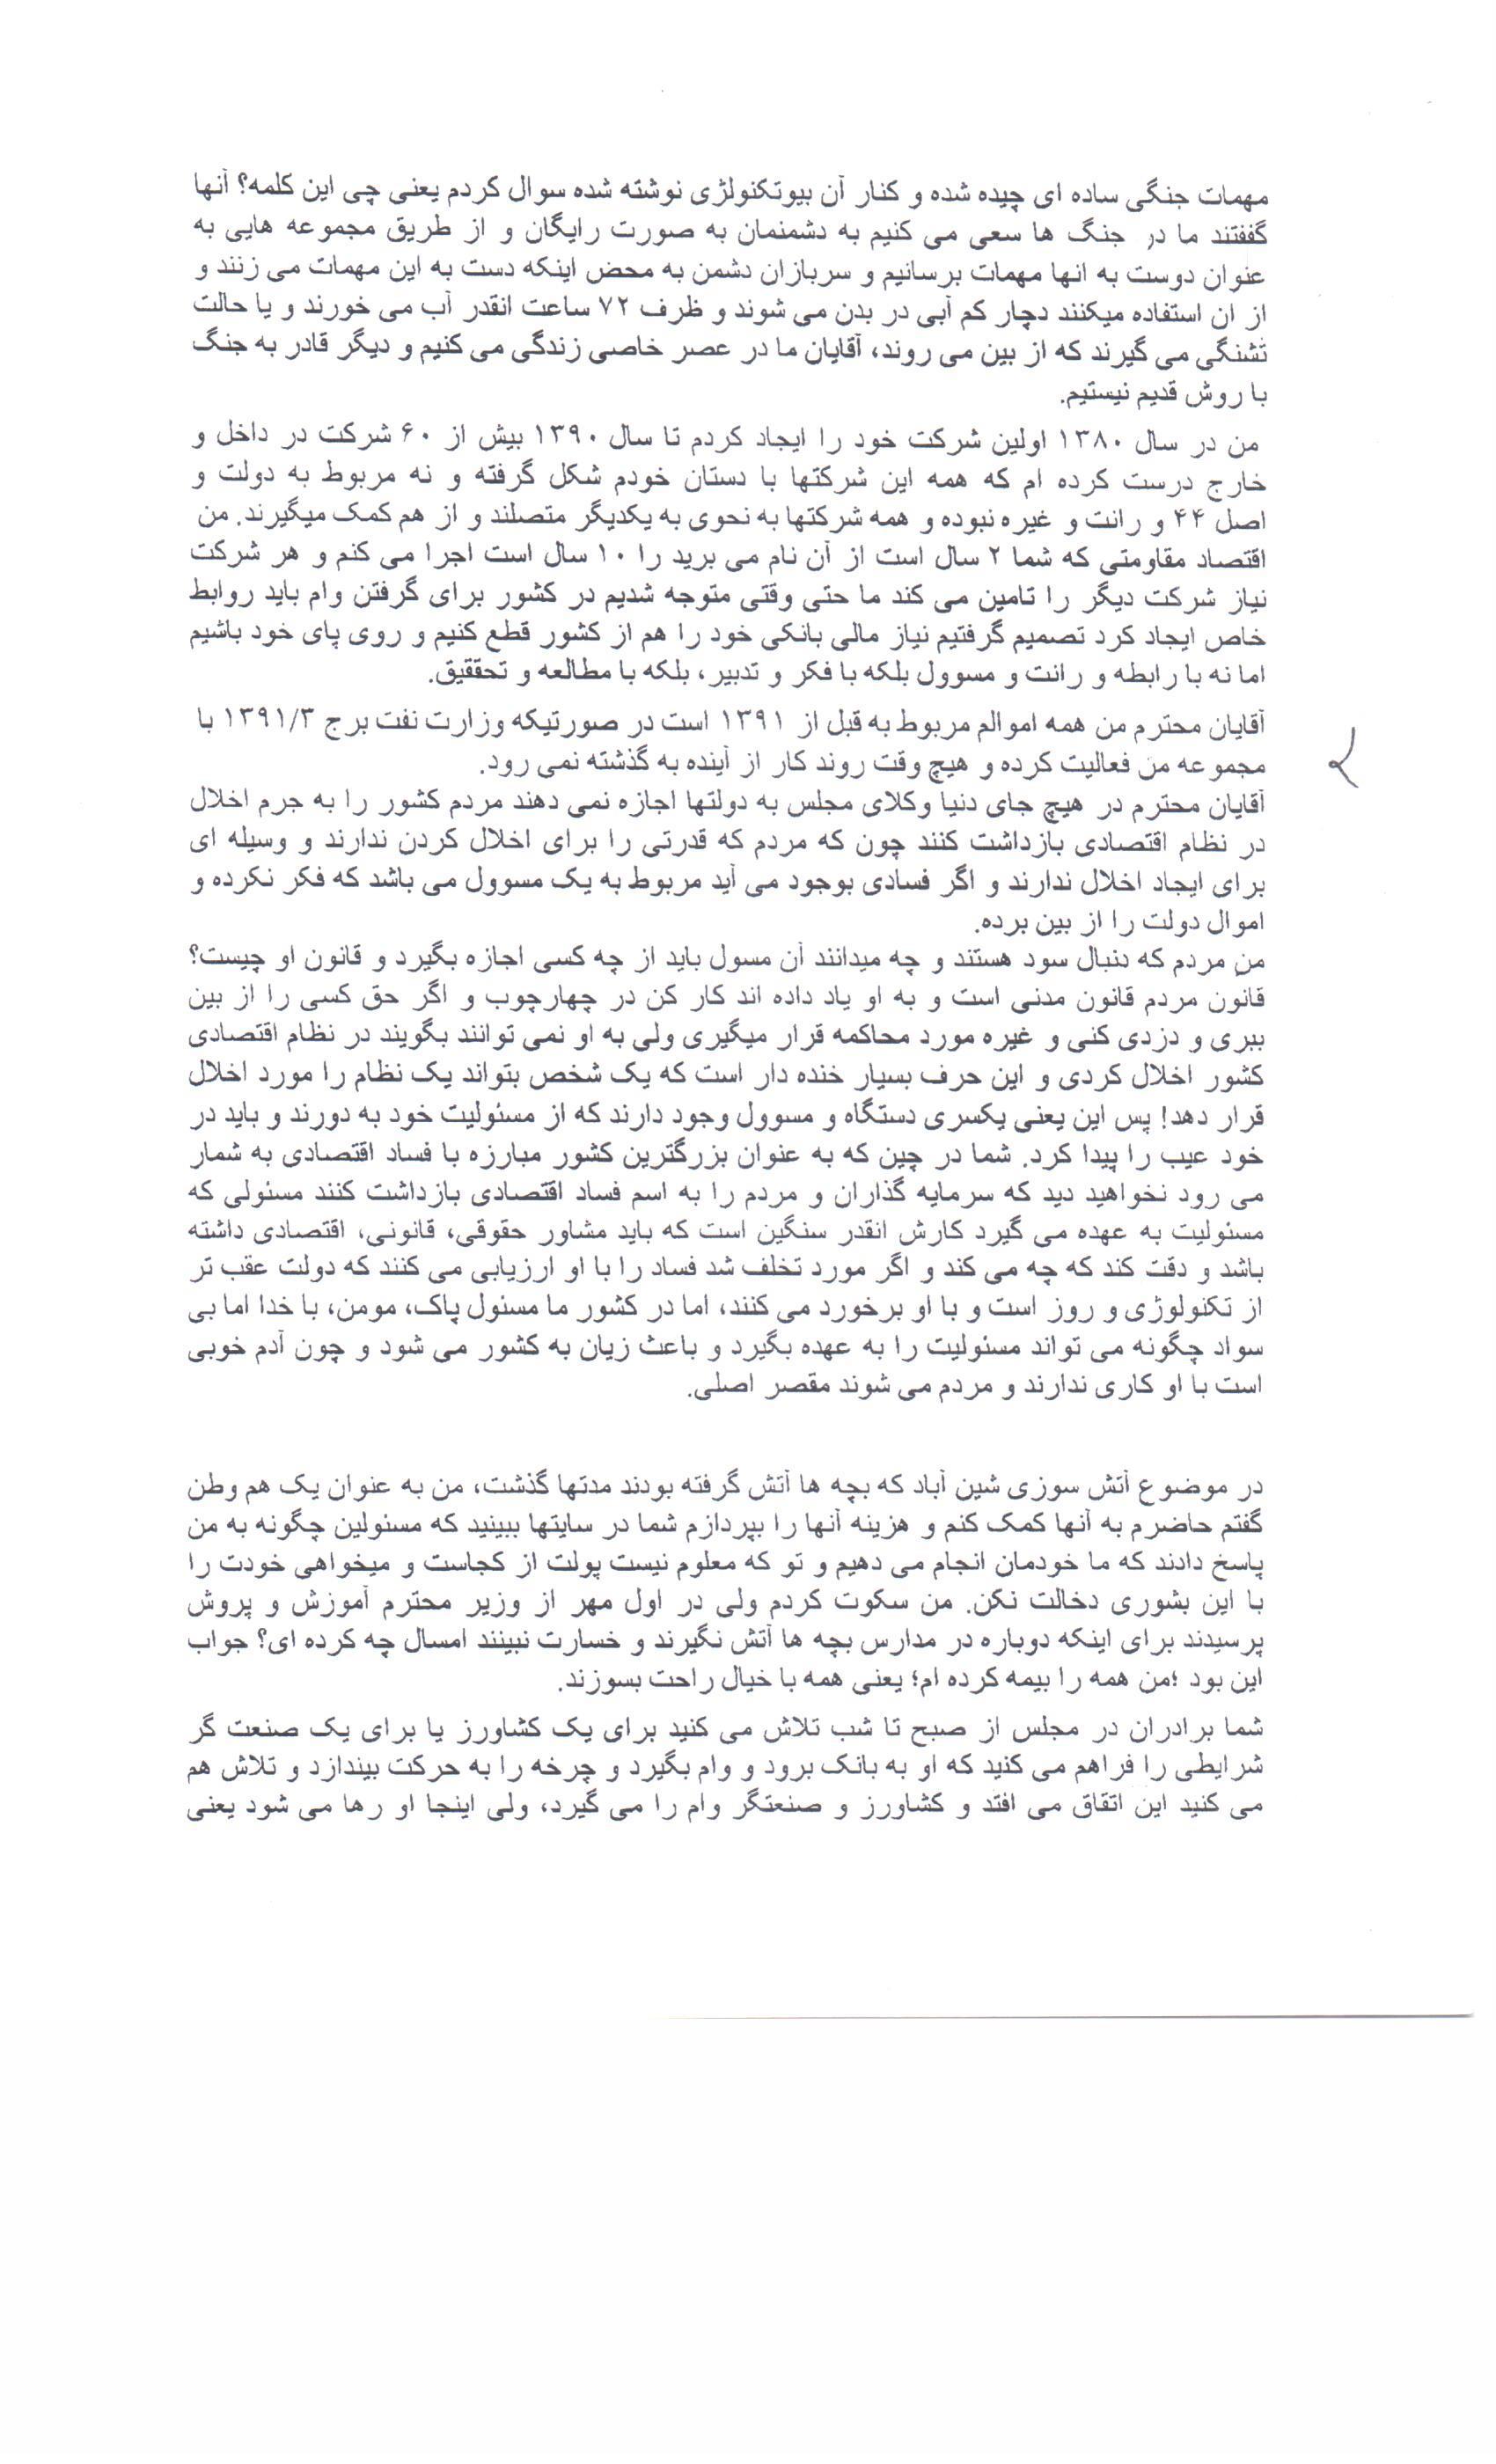 رونمایی از 5 صفحه نامه